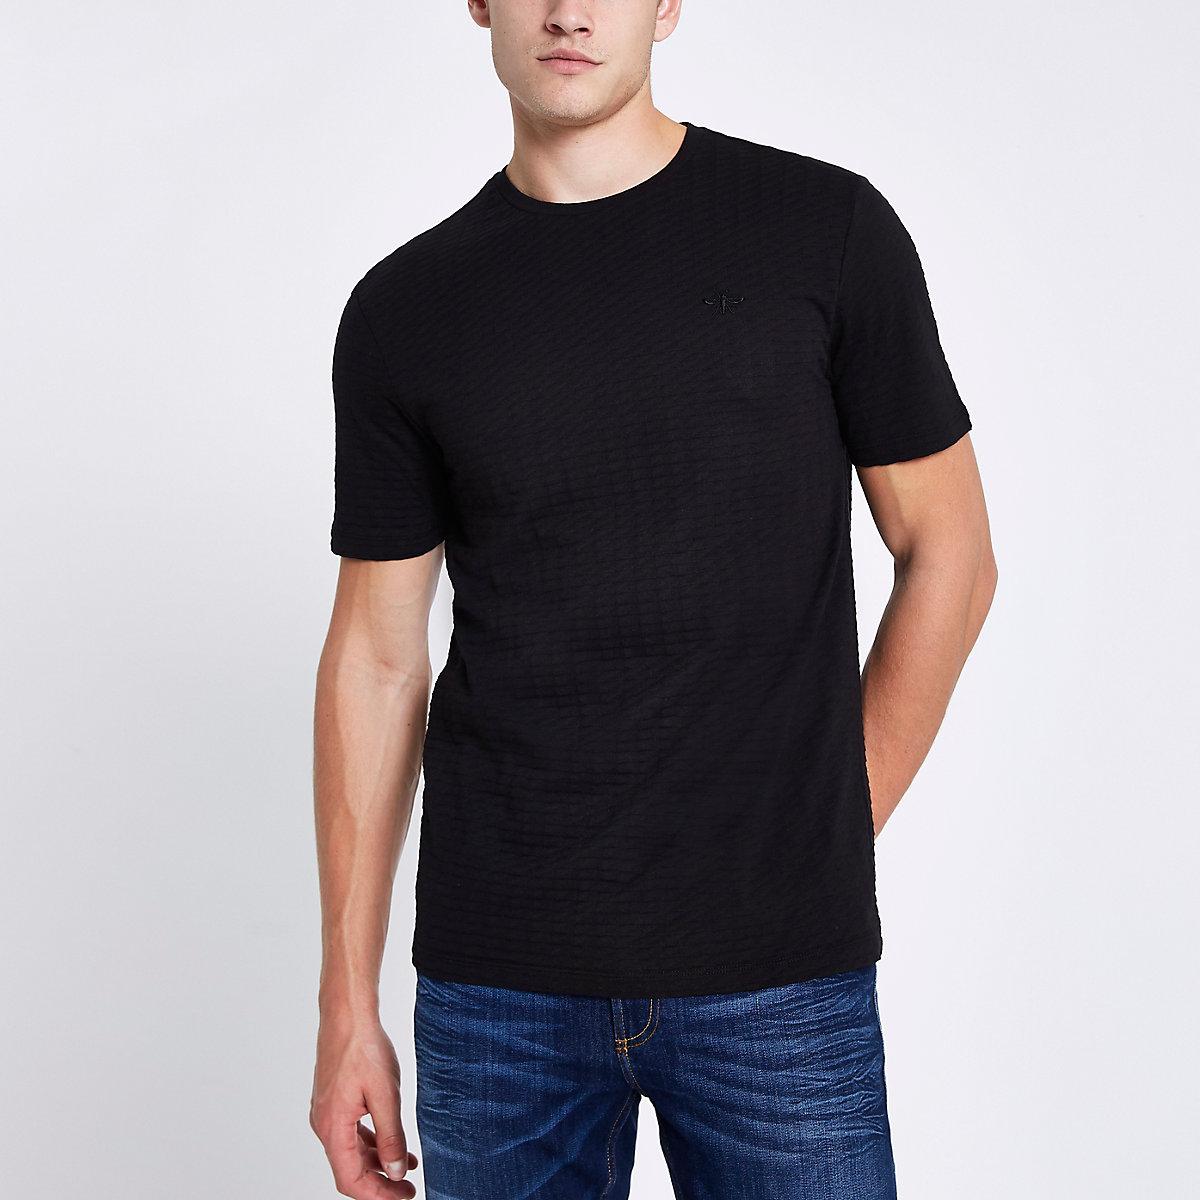 Schwarzes Slim Fit T-Shirt mit kurzen Ärmeln